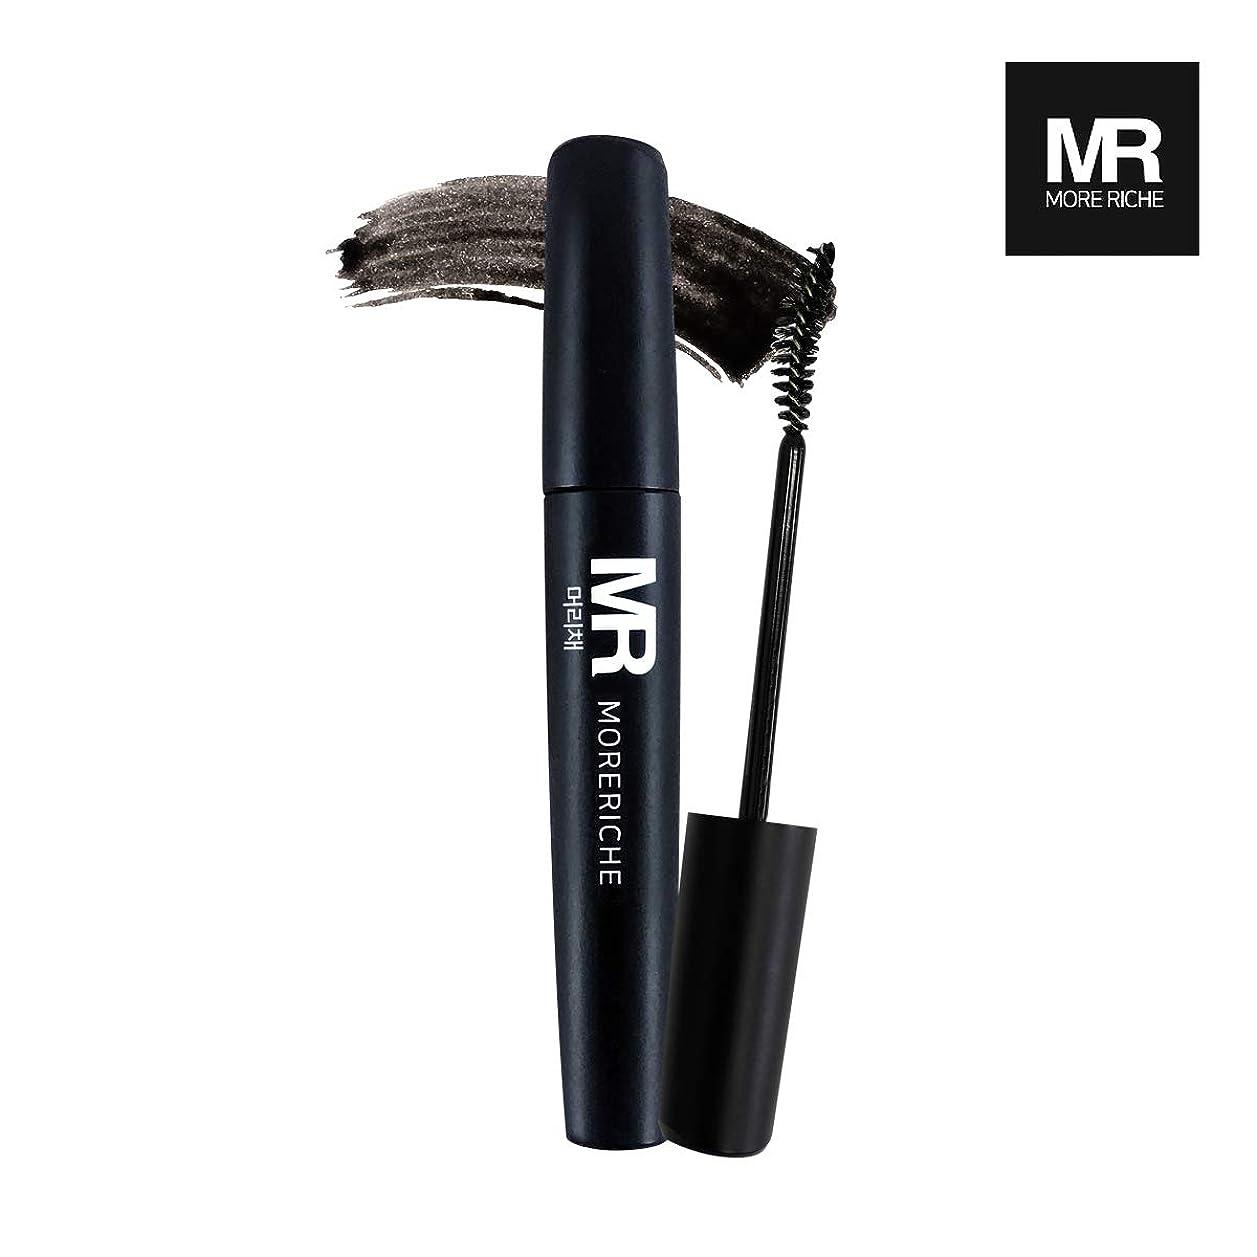 破壊的な流産症候群[1+1] MoreRiche ヘアマスカラカラーグレーイングヘアカバースティック Temporary Hair Mascara Color Graying hair Cover Stick, Black Color 0.44 Fluid Ounces